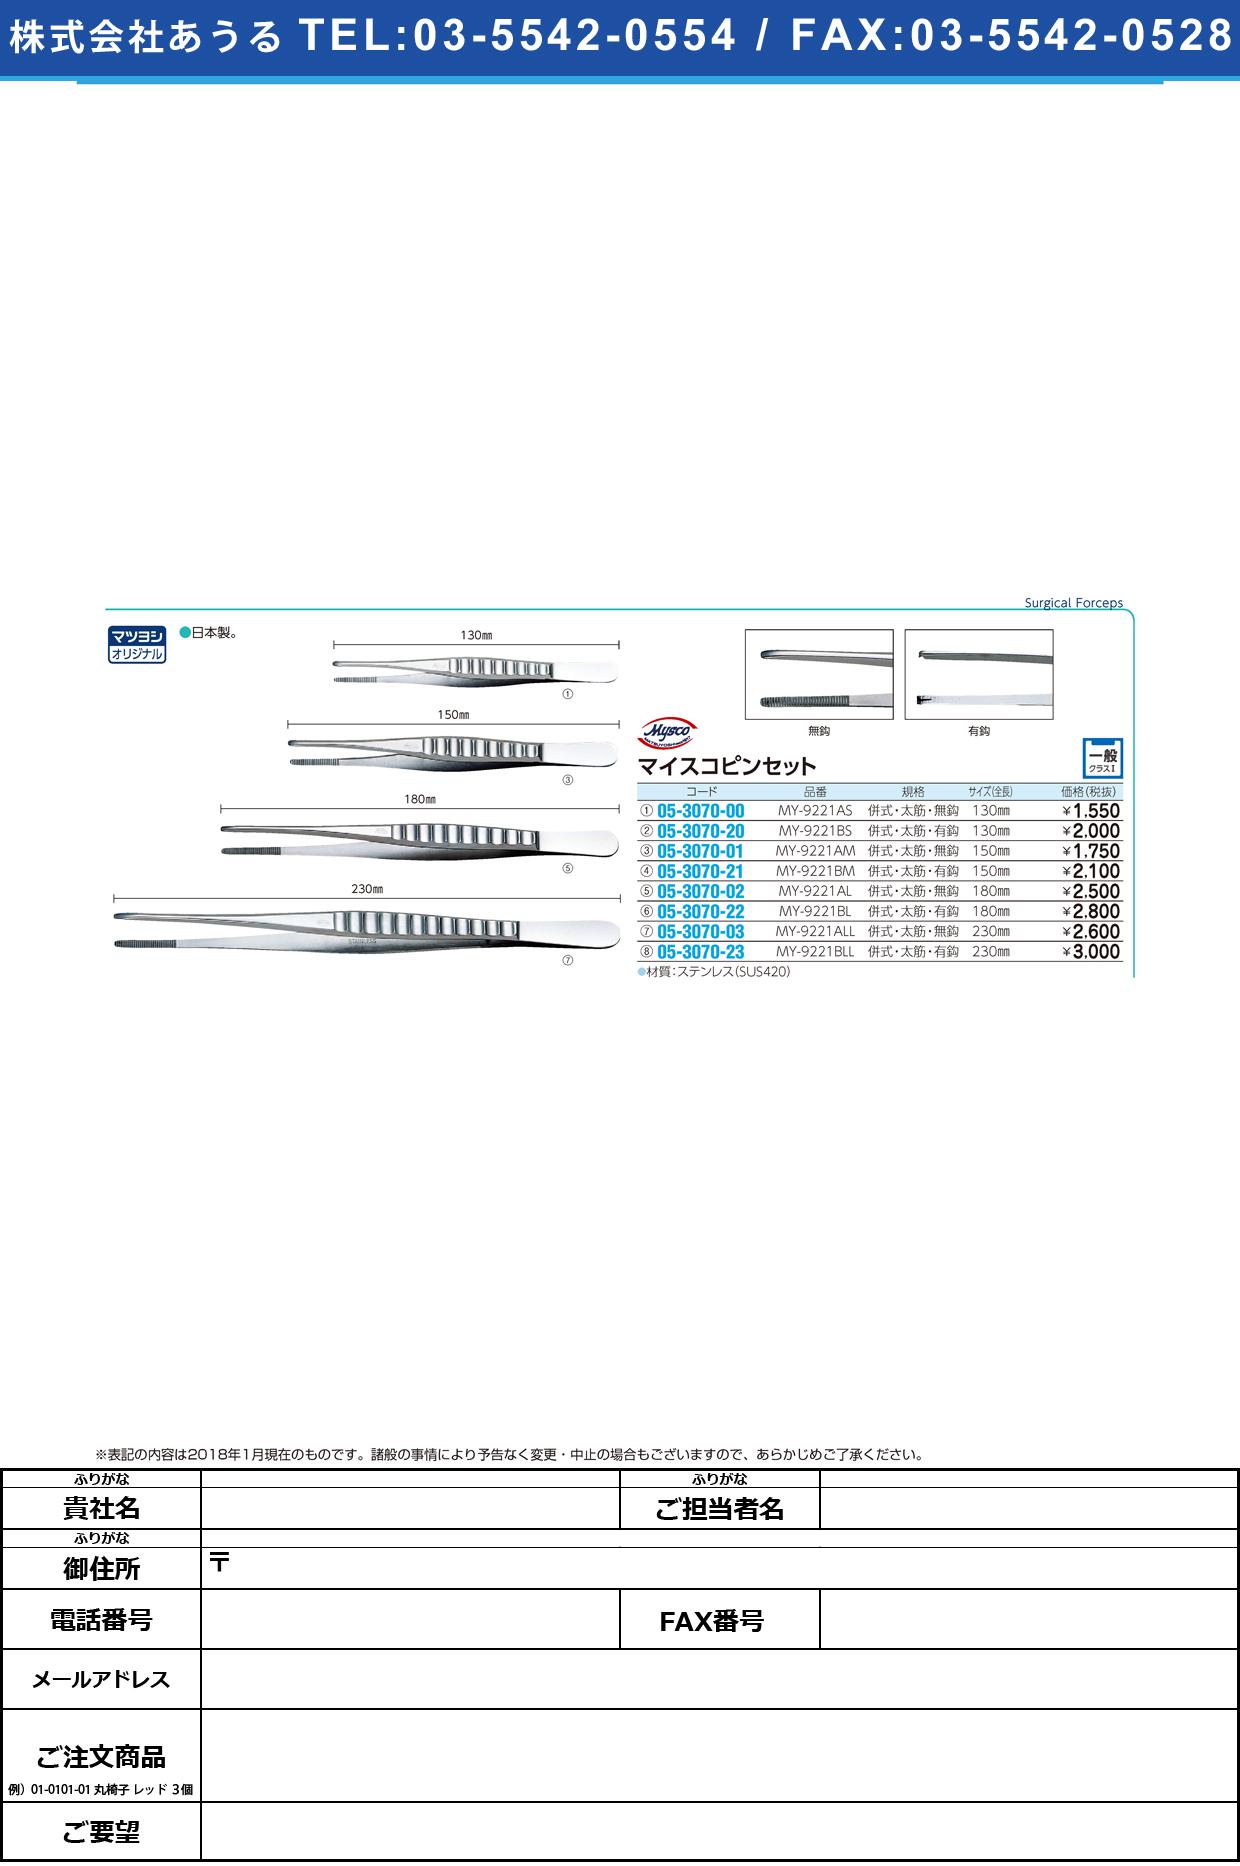 (05-3070-21)マイスコピンセット併式太筋有鈎 MY-9221BM(ステン)150MM ピンセットヘイシキフトスジユウコウ【1本単位】【2018年カタログ商品】